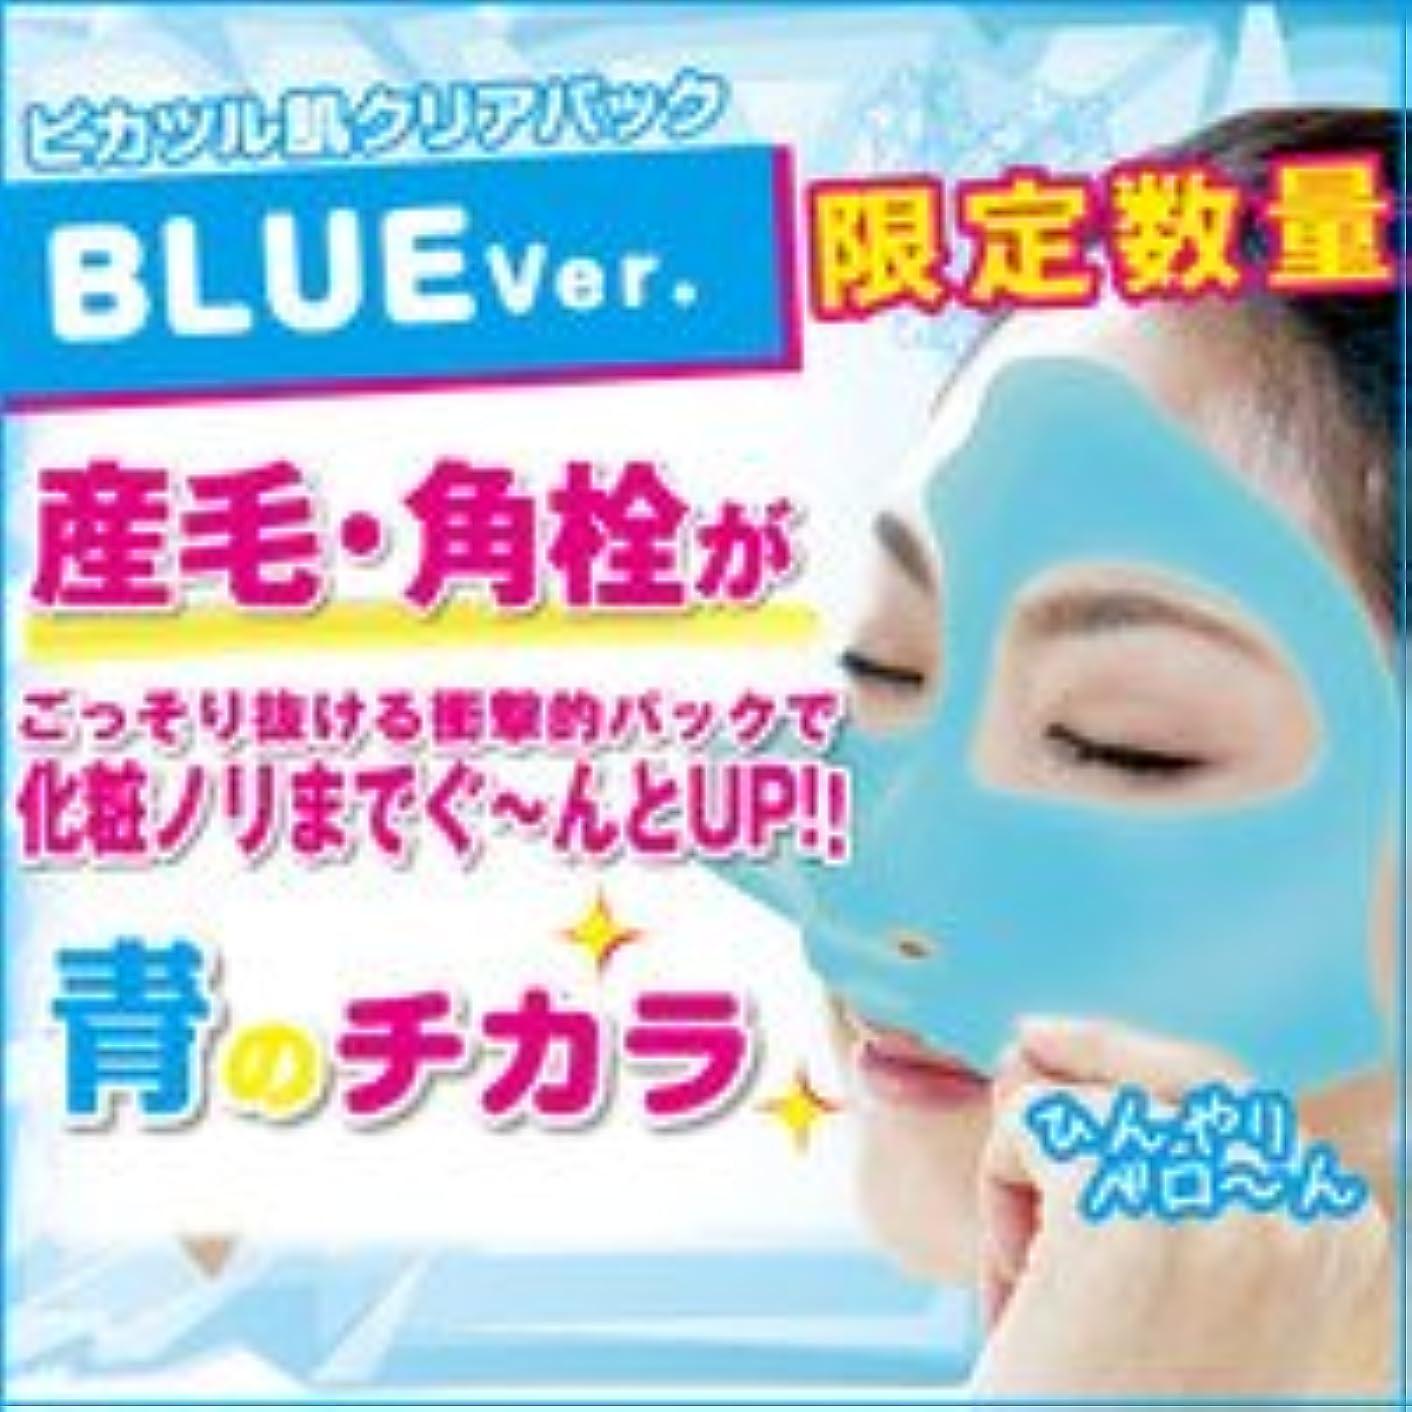 歯車砂漠アレルギー性ピカツル肌クリアパック ブルー